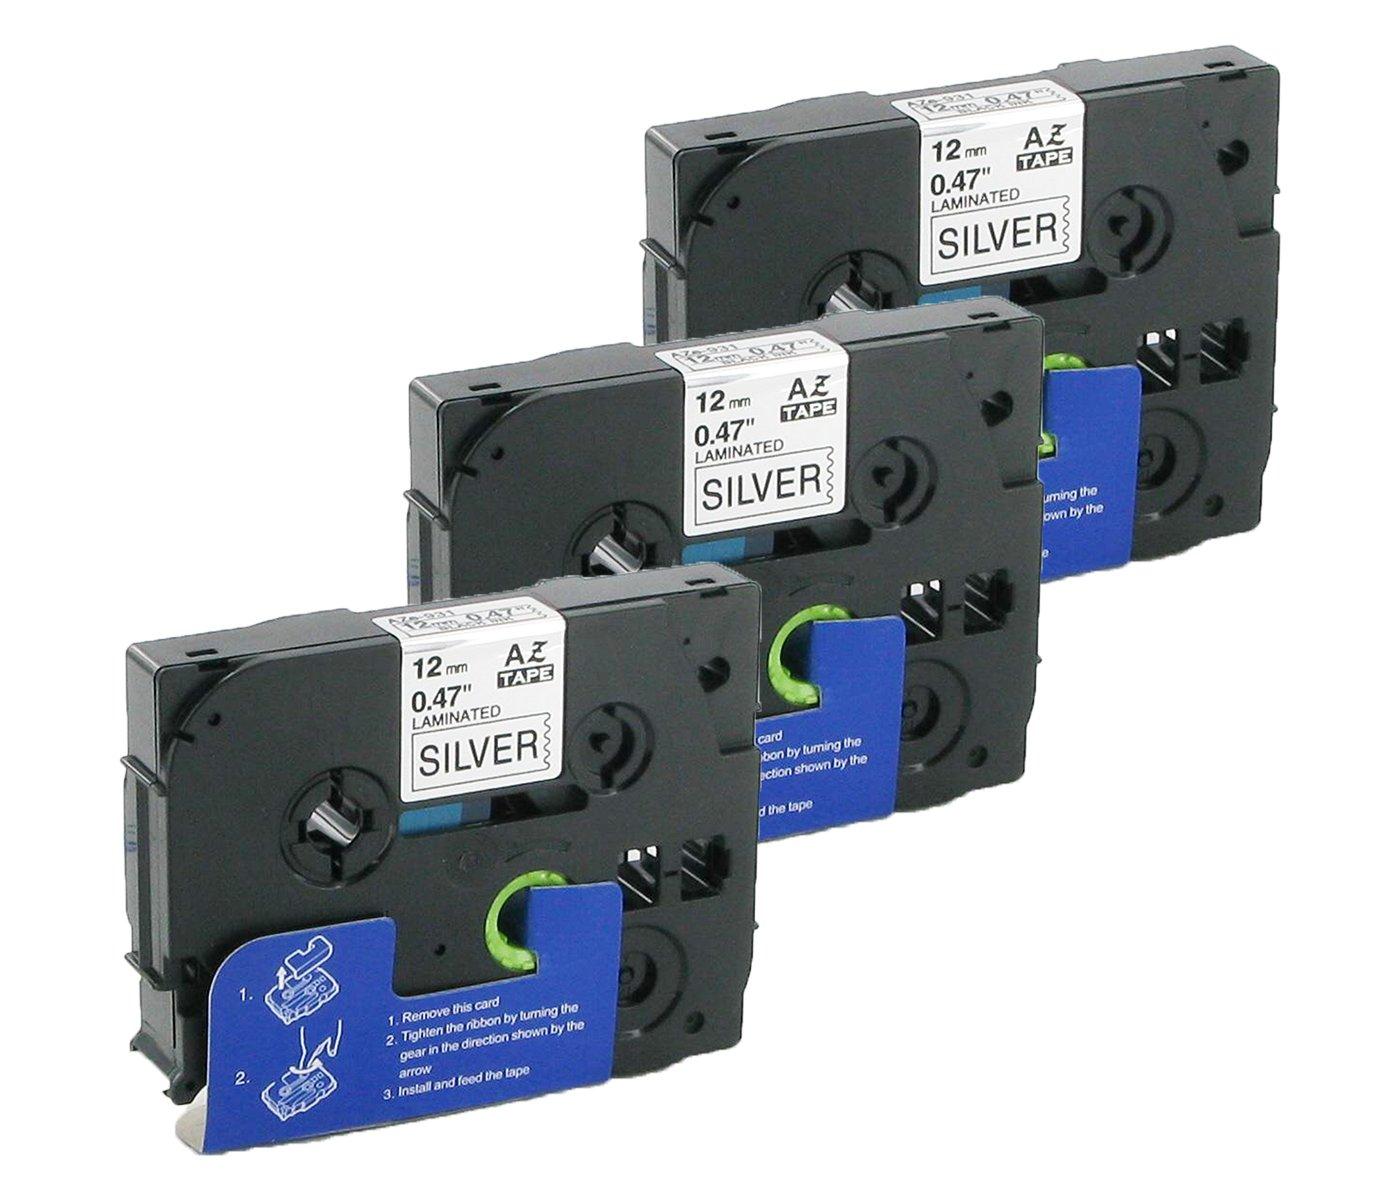 Bubprint 3 Schriftb/änder kompatibel f/ür Brother TZE-931 TZ 931 f/ür P-Touch 1280 2430PC 2730VP 3600 9500PC 9700PC D400VP D600VP H100LB H105 P700 P750W